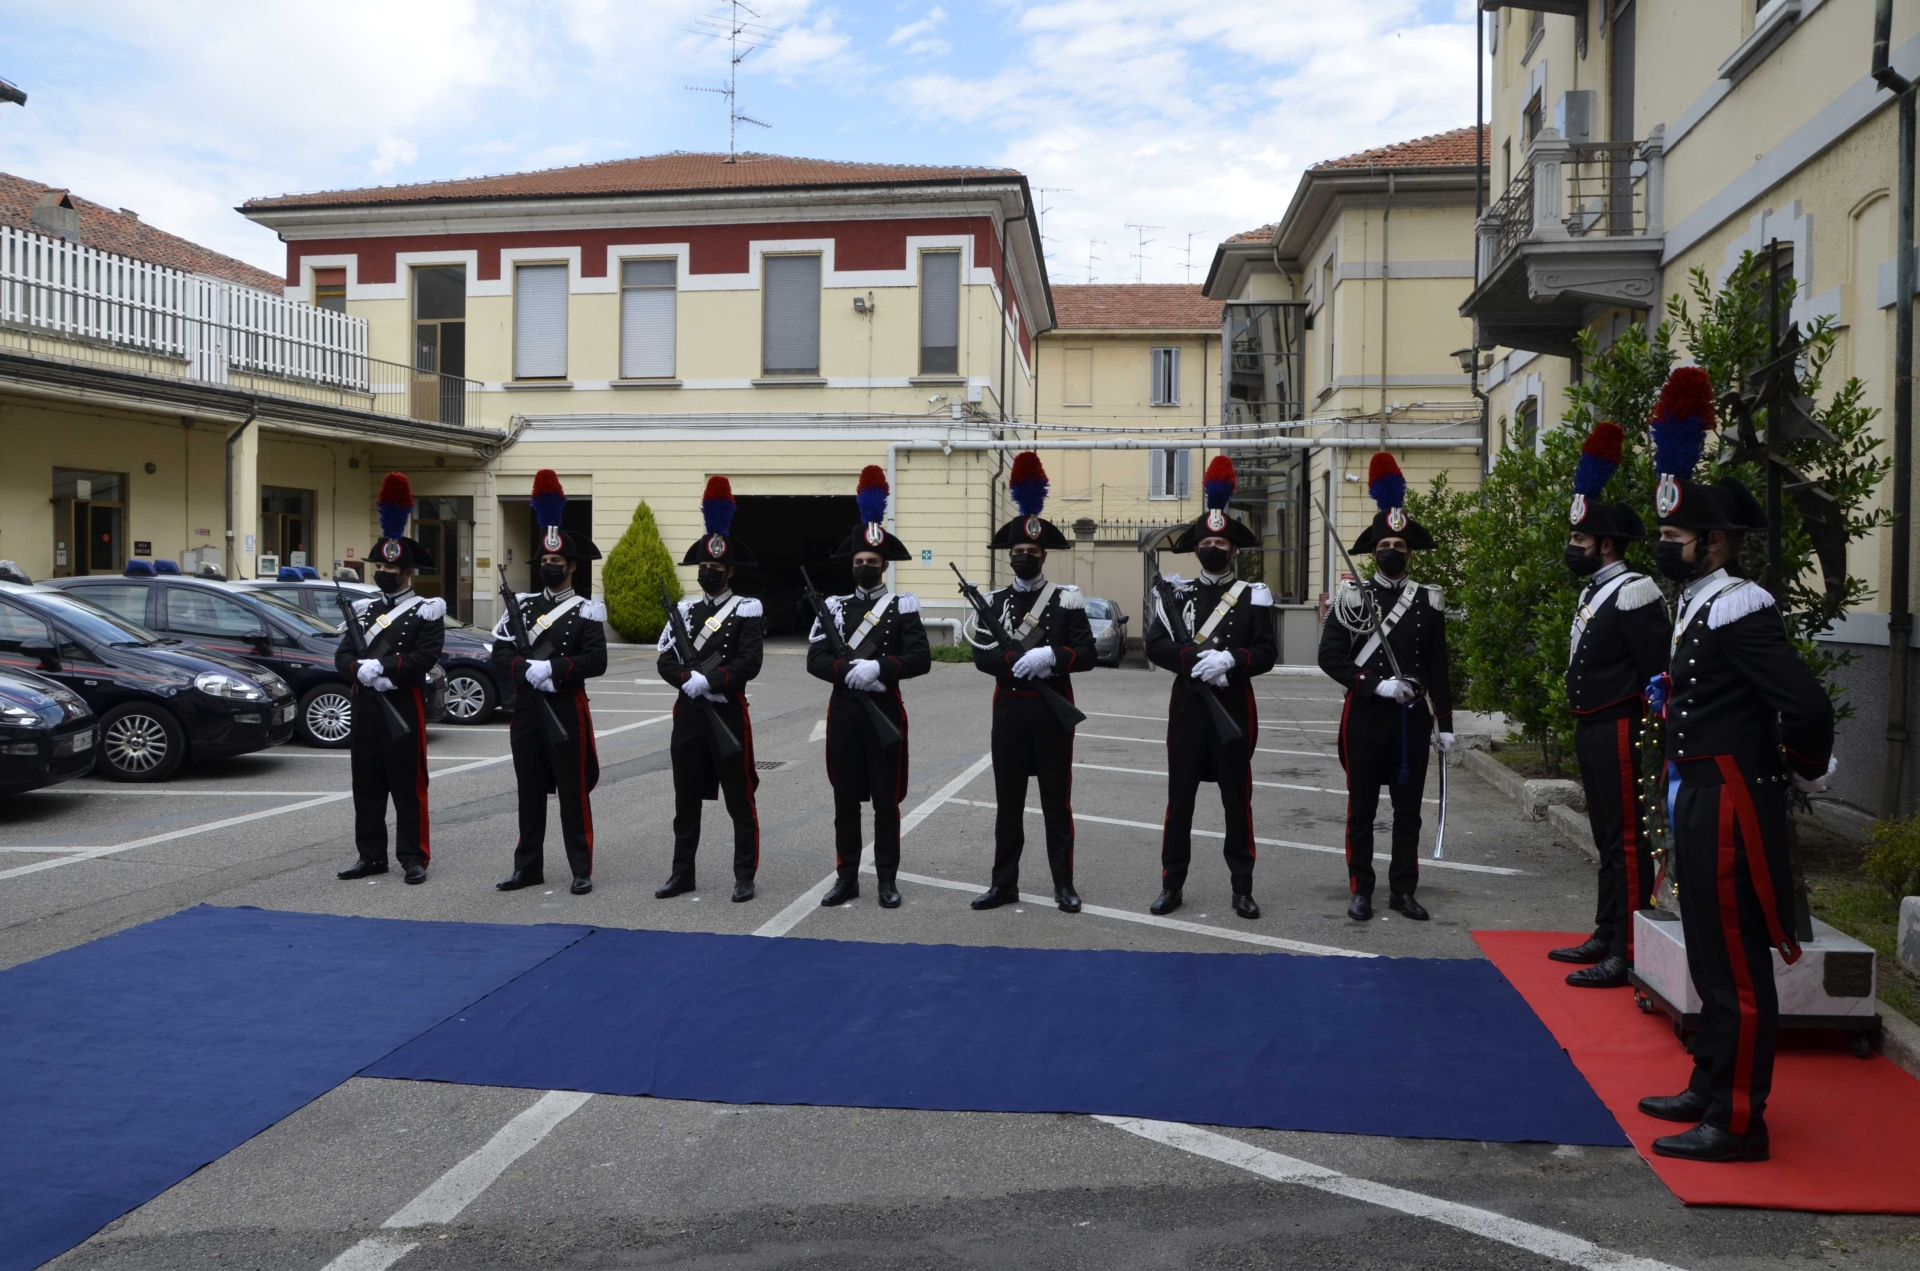 Carabinieri Vercelli